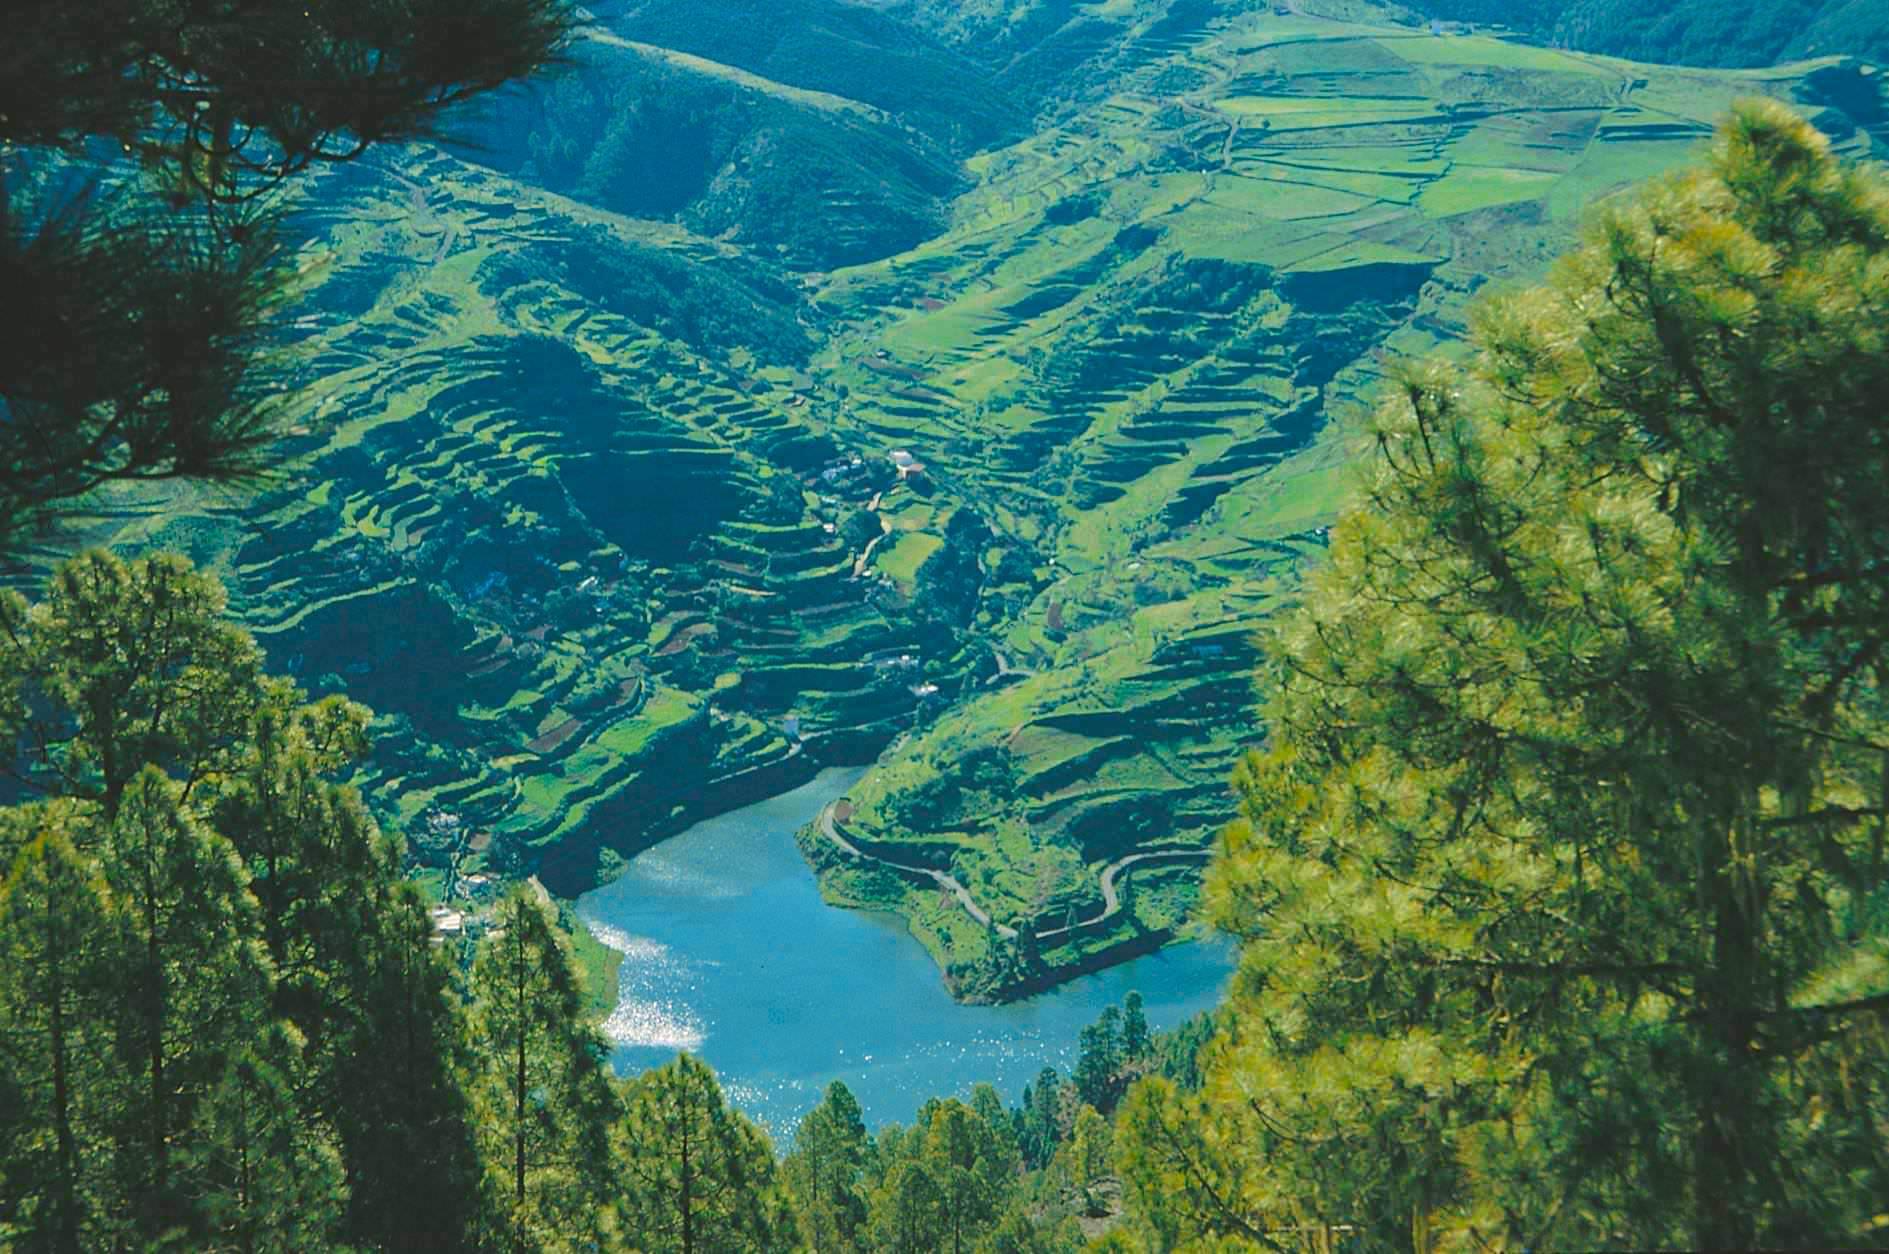 Berg Tamadaba - Faszinierender Ausblick auf den Stausee Presa de Los Perez - Artenara - Gran Canaria